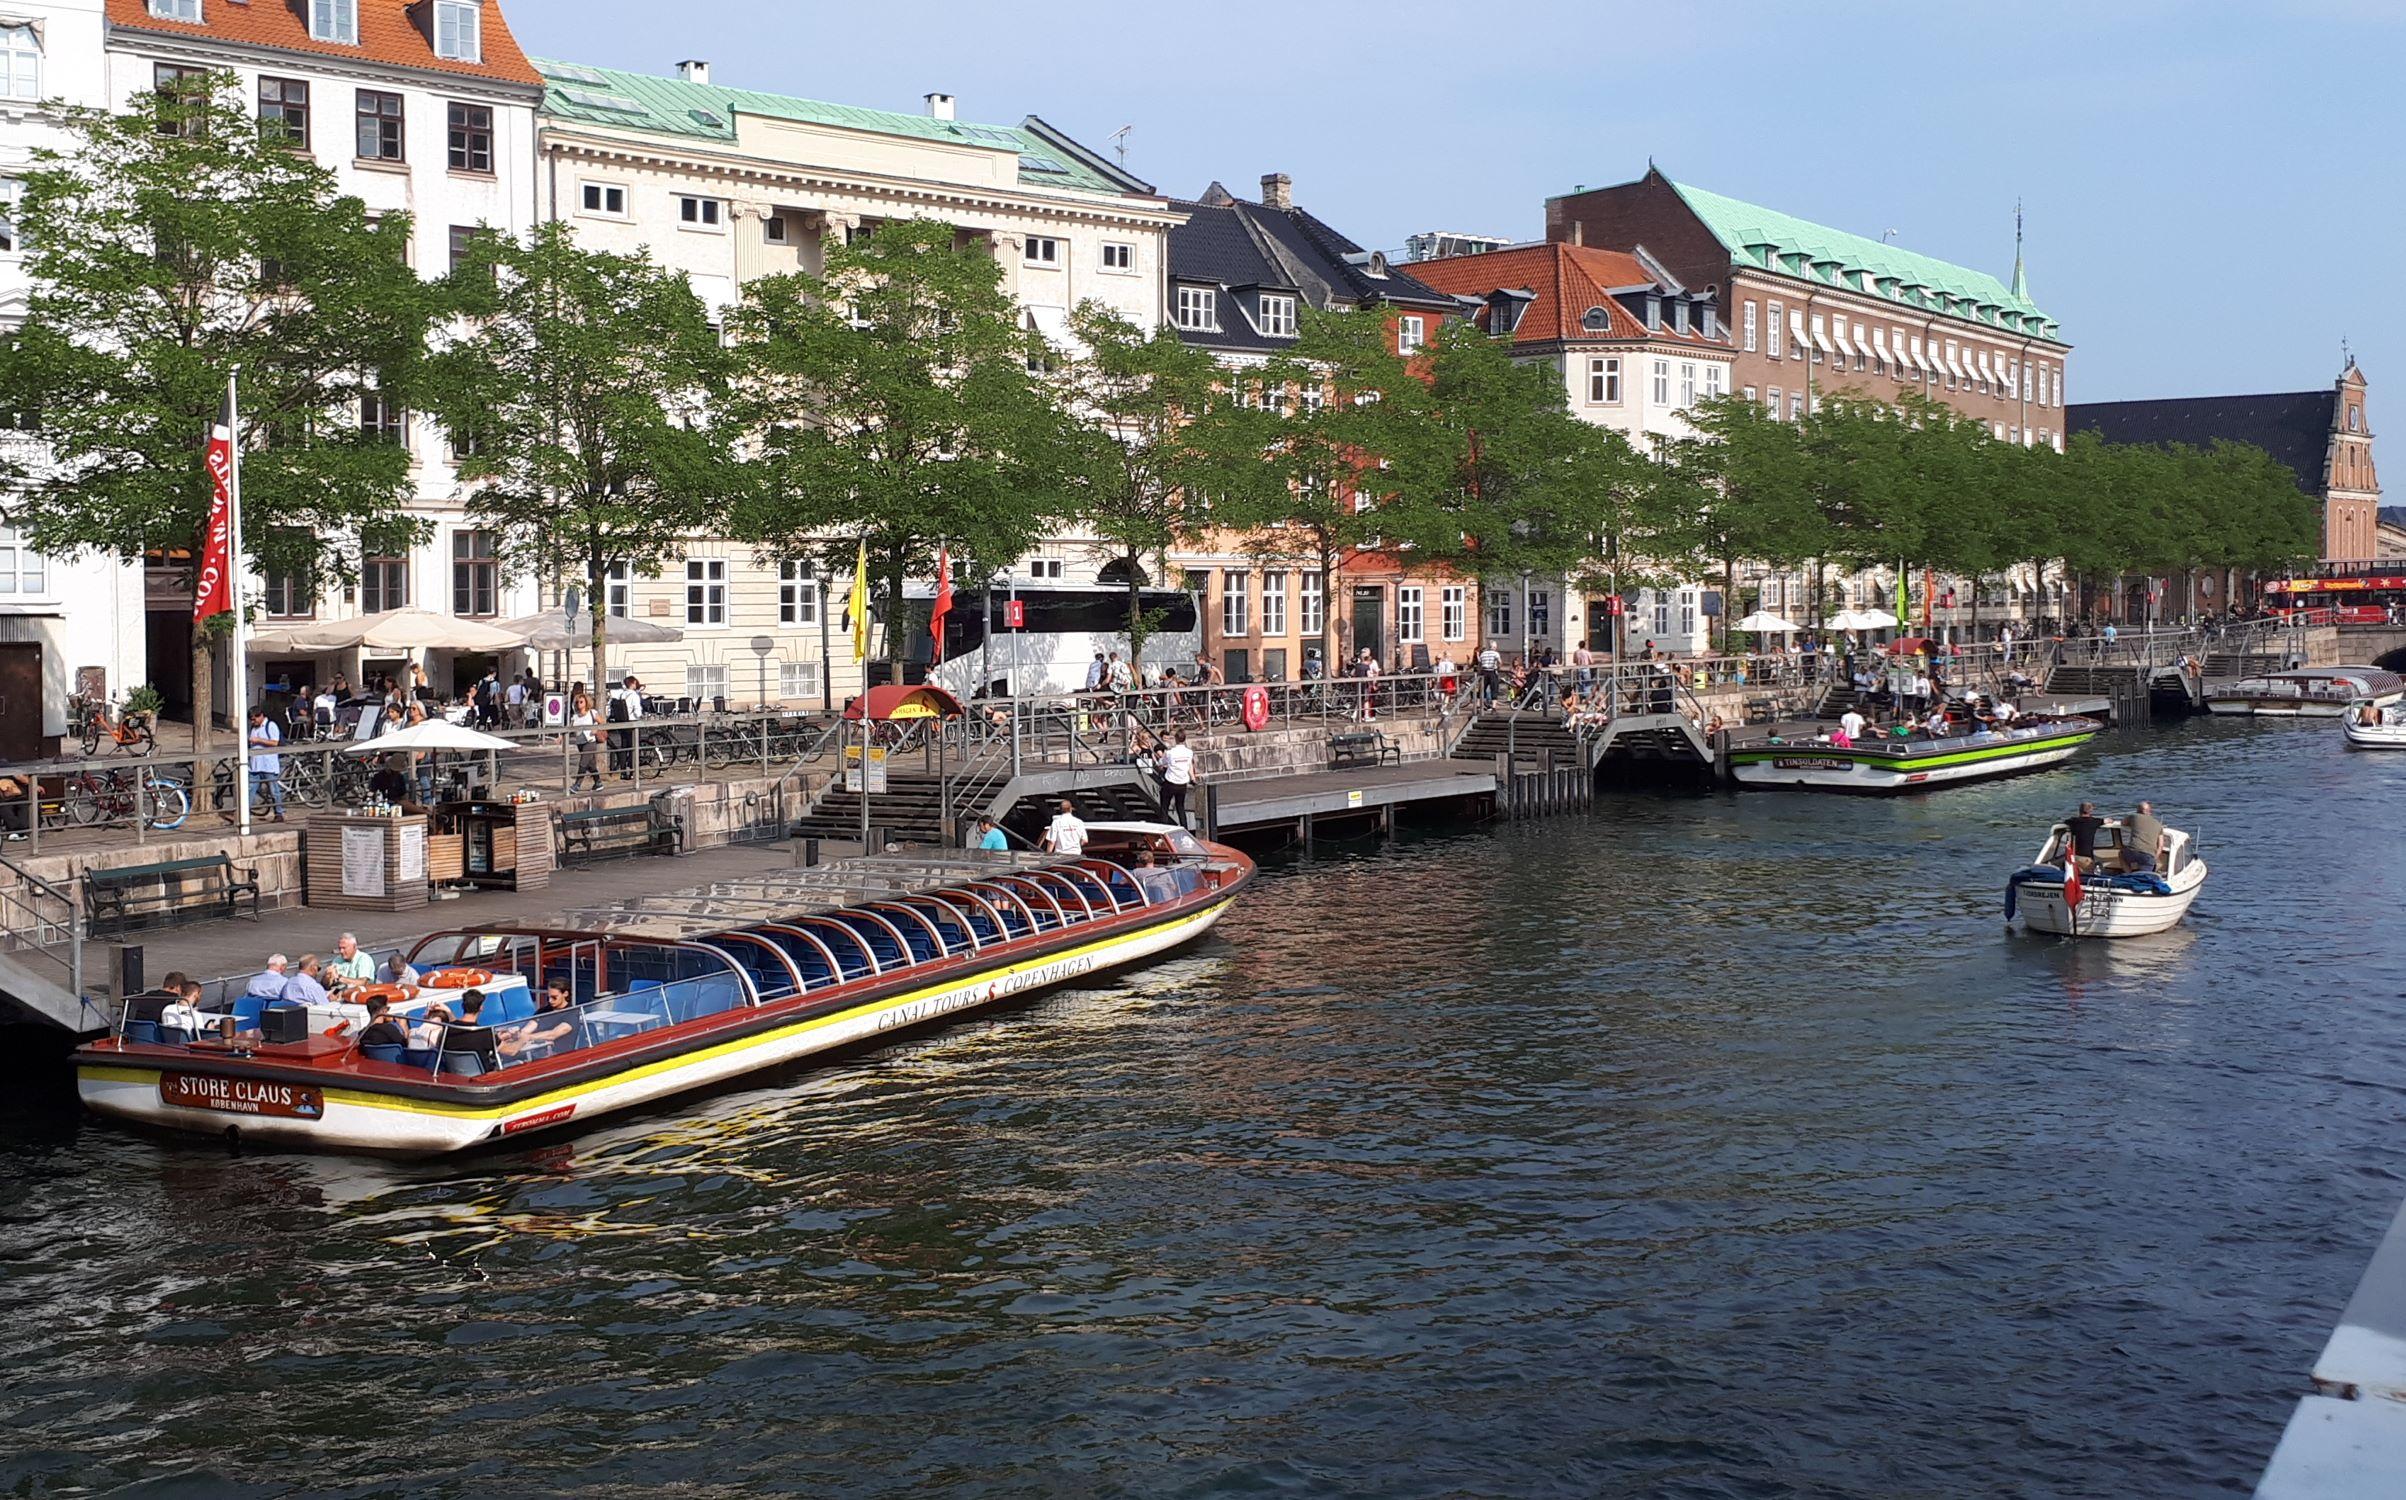 København blev stemt ind som verdens sjette bedste rejseby i Readers' Choice Awards fra Condé Nast Traveler. Foto: Henrik Baumgarten.